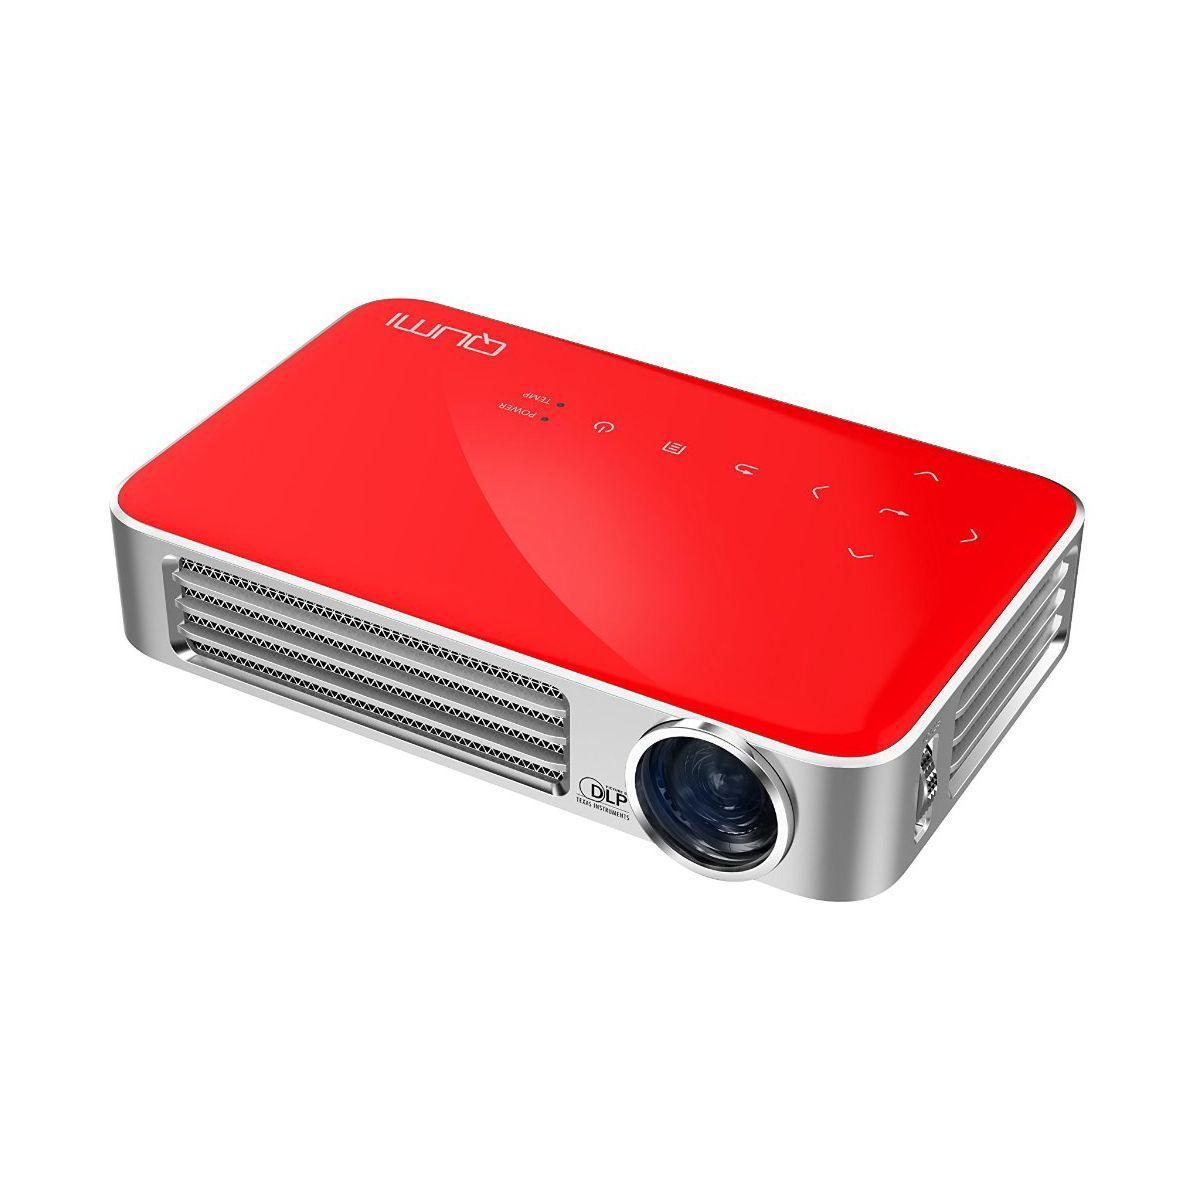 Projecteur vivitek qumi q6 rouge (photo)